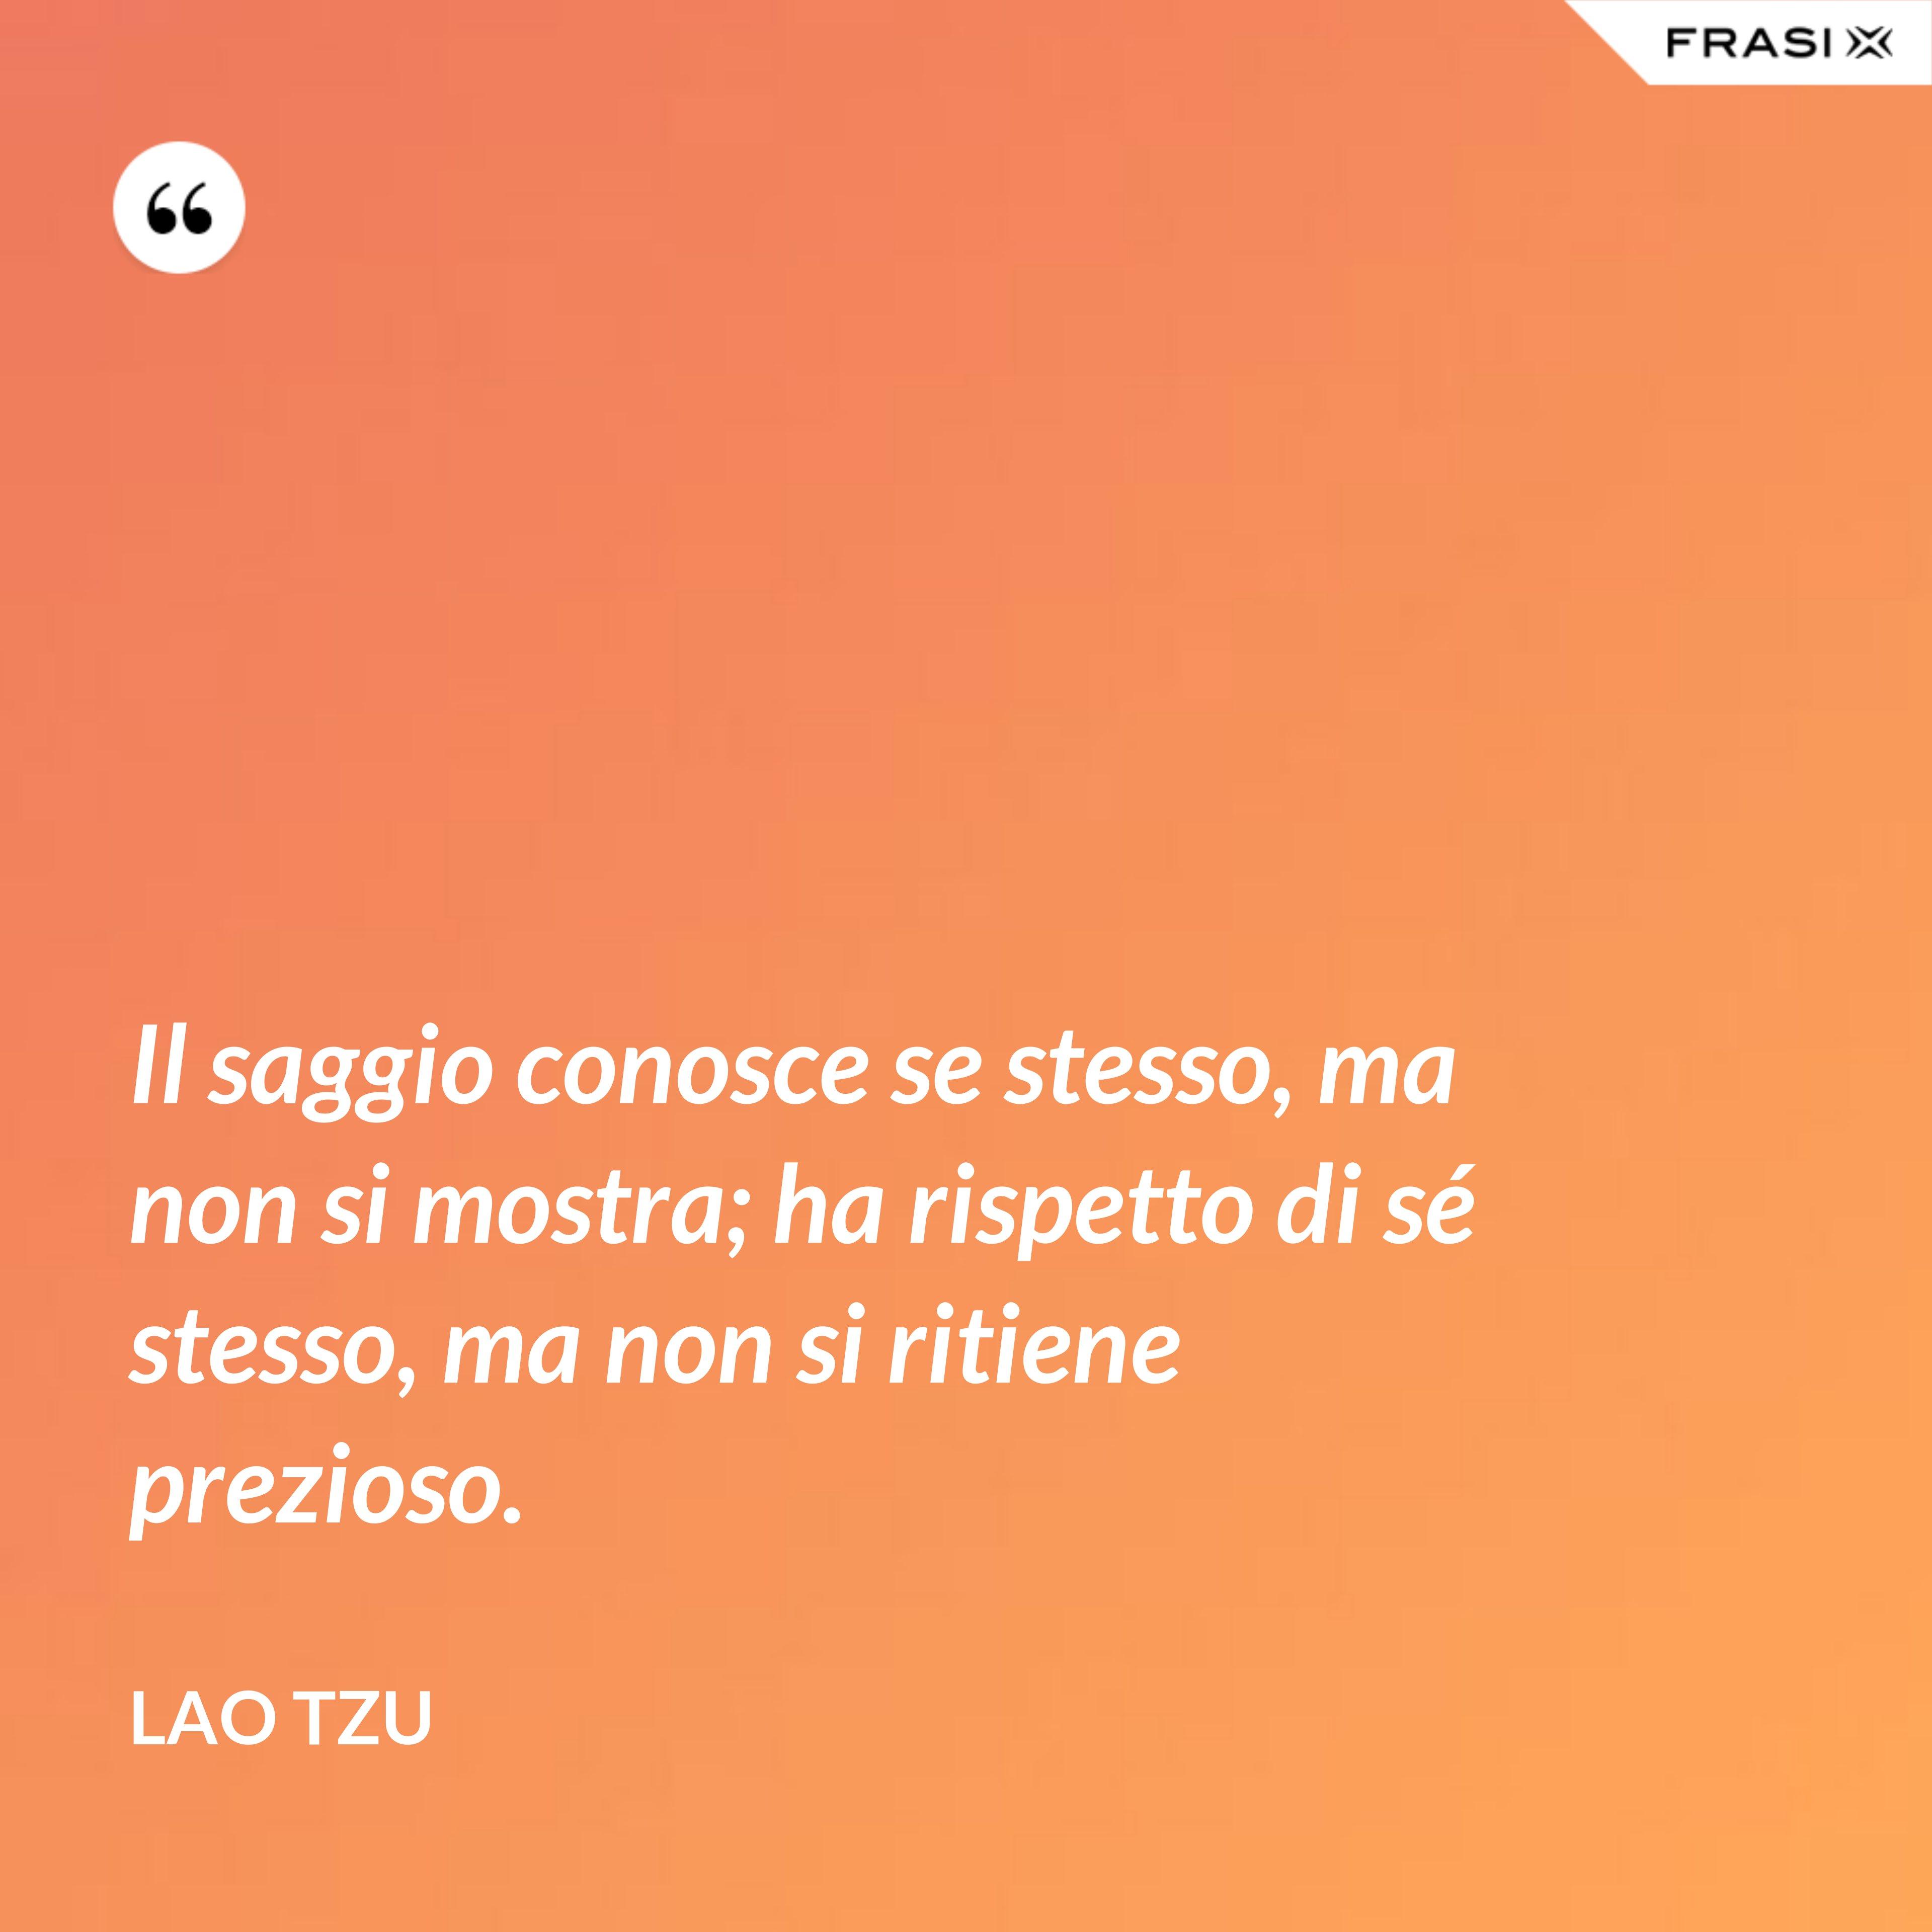 Il saggio conosce se stesso, ma non si mostra; ha rispetto di sé stesso, ma non si ritiene prezioso. - Lao Tzu